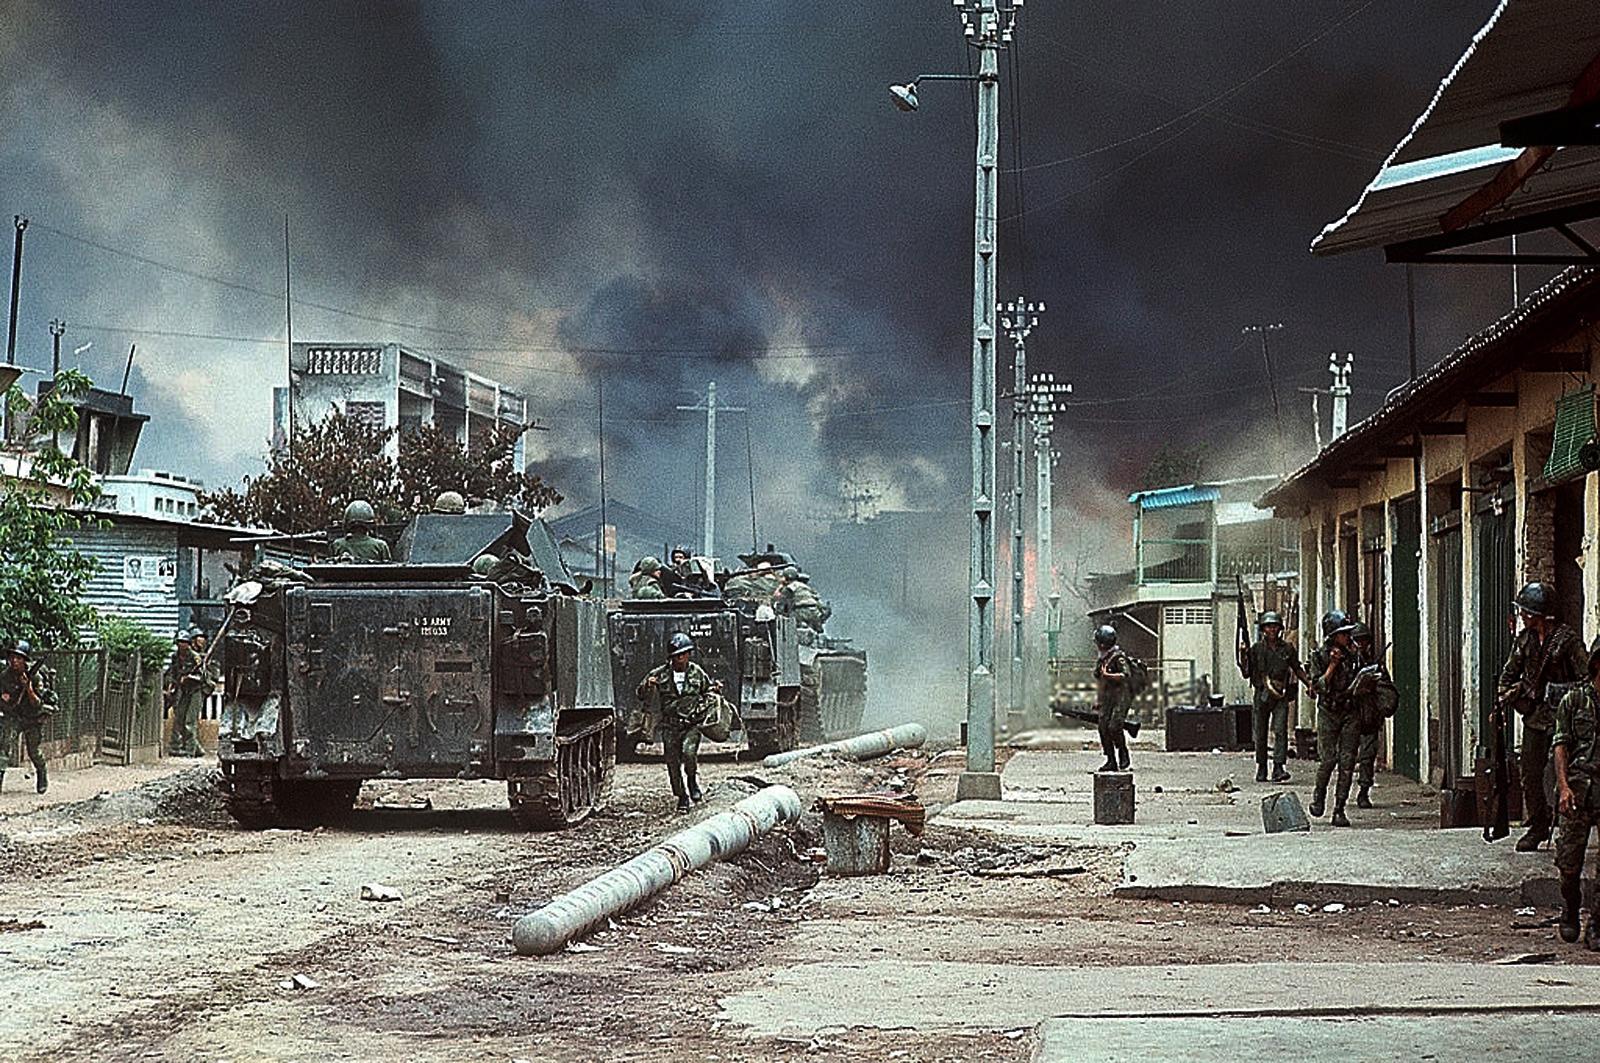 Войска передвигаются в пешем порядке и на машинах по улице в северном Сайгоне, окутанном дымом от ожесточенных боев во время наступления Вьетконга. 6 мая